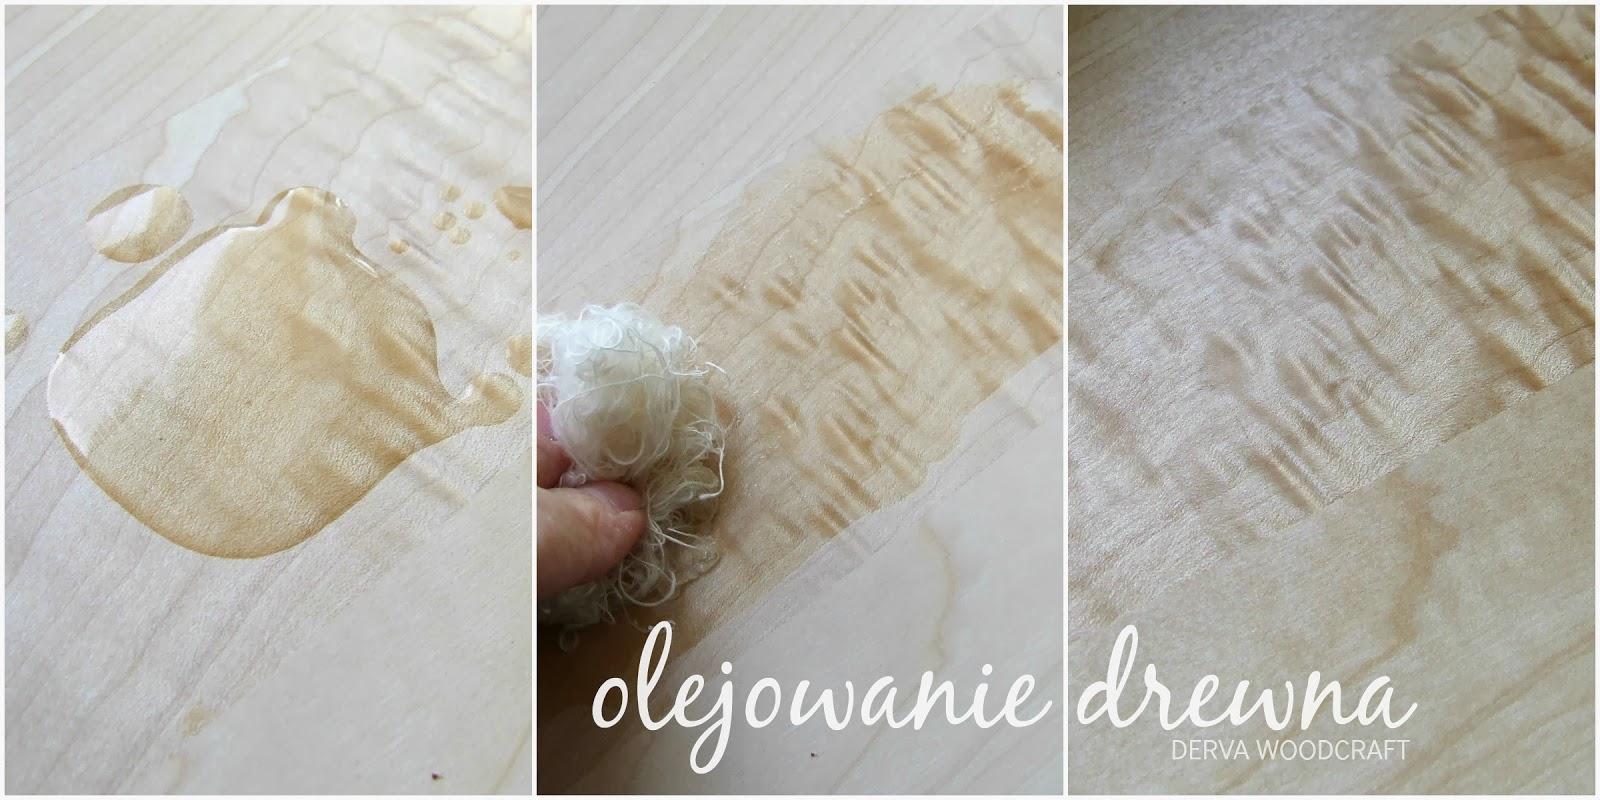 http://www.derva.pl/2013/11/wykanczanie-drewna-olejowanie.html